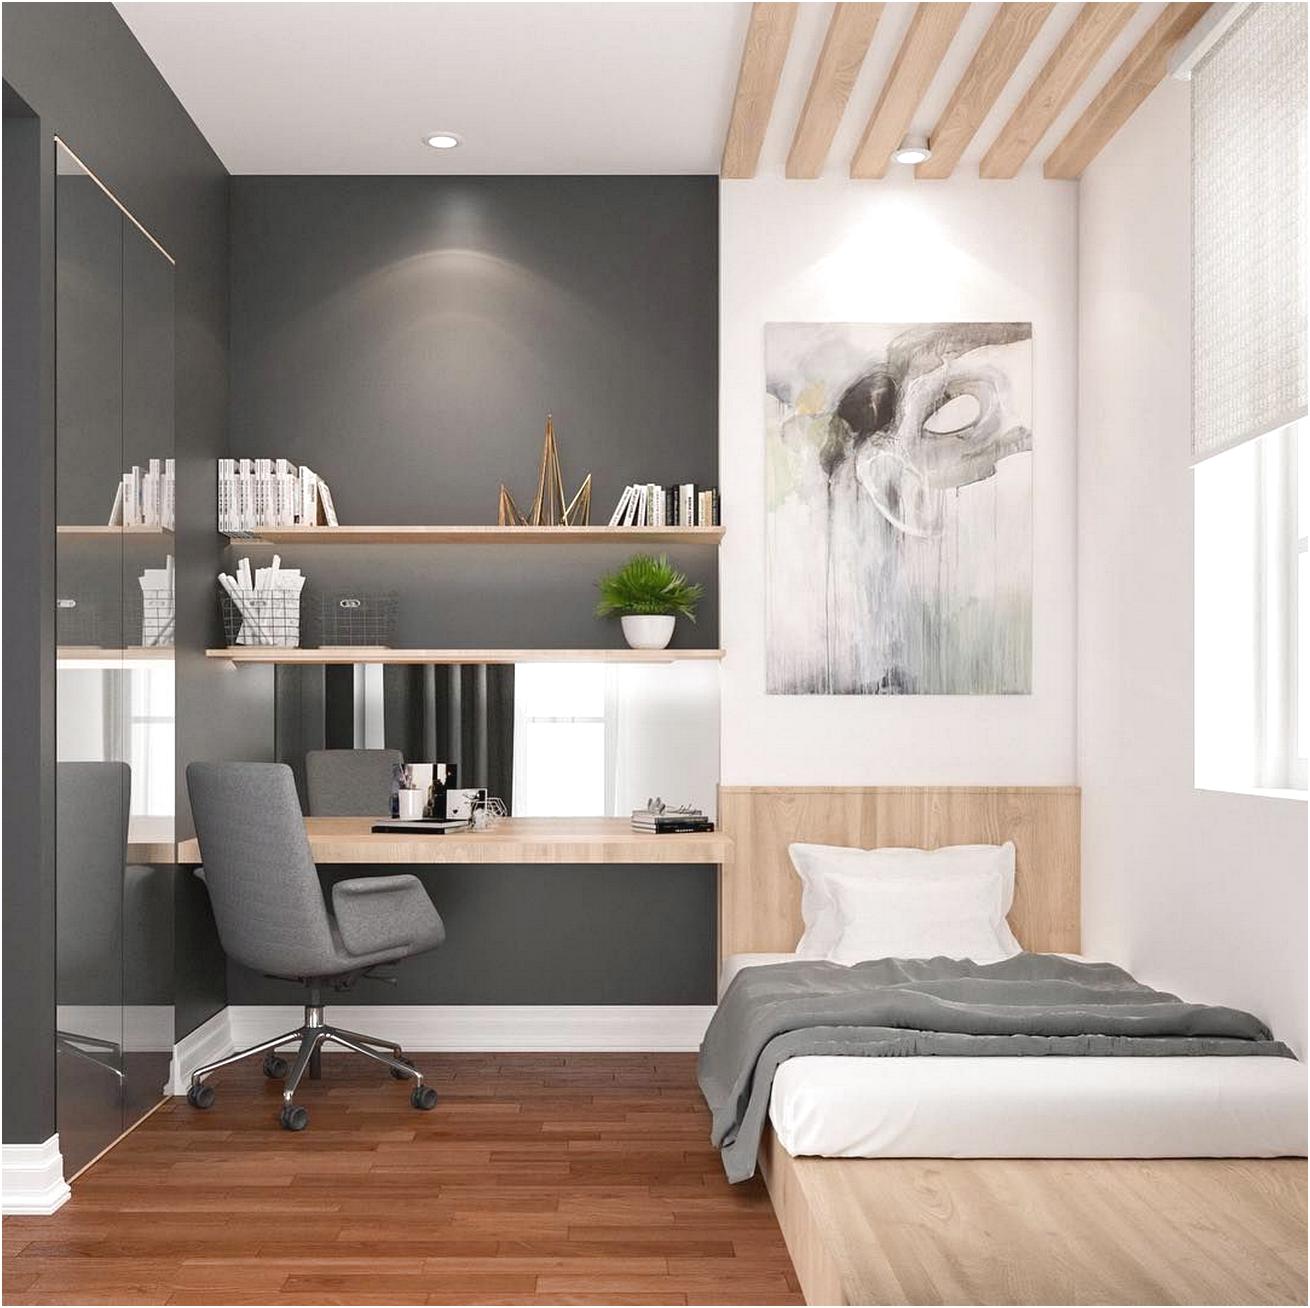 50 simple decoration to create minimalist bedroom ideas on cozy minimalist bedroom decorating ideas id=81512